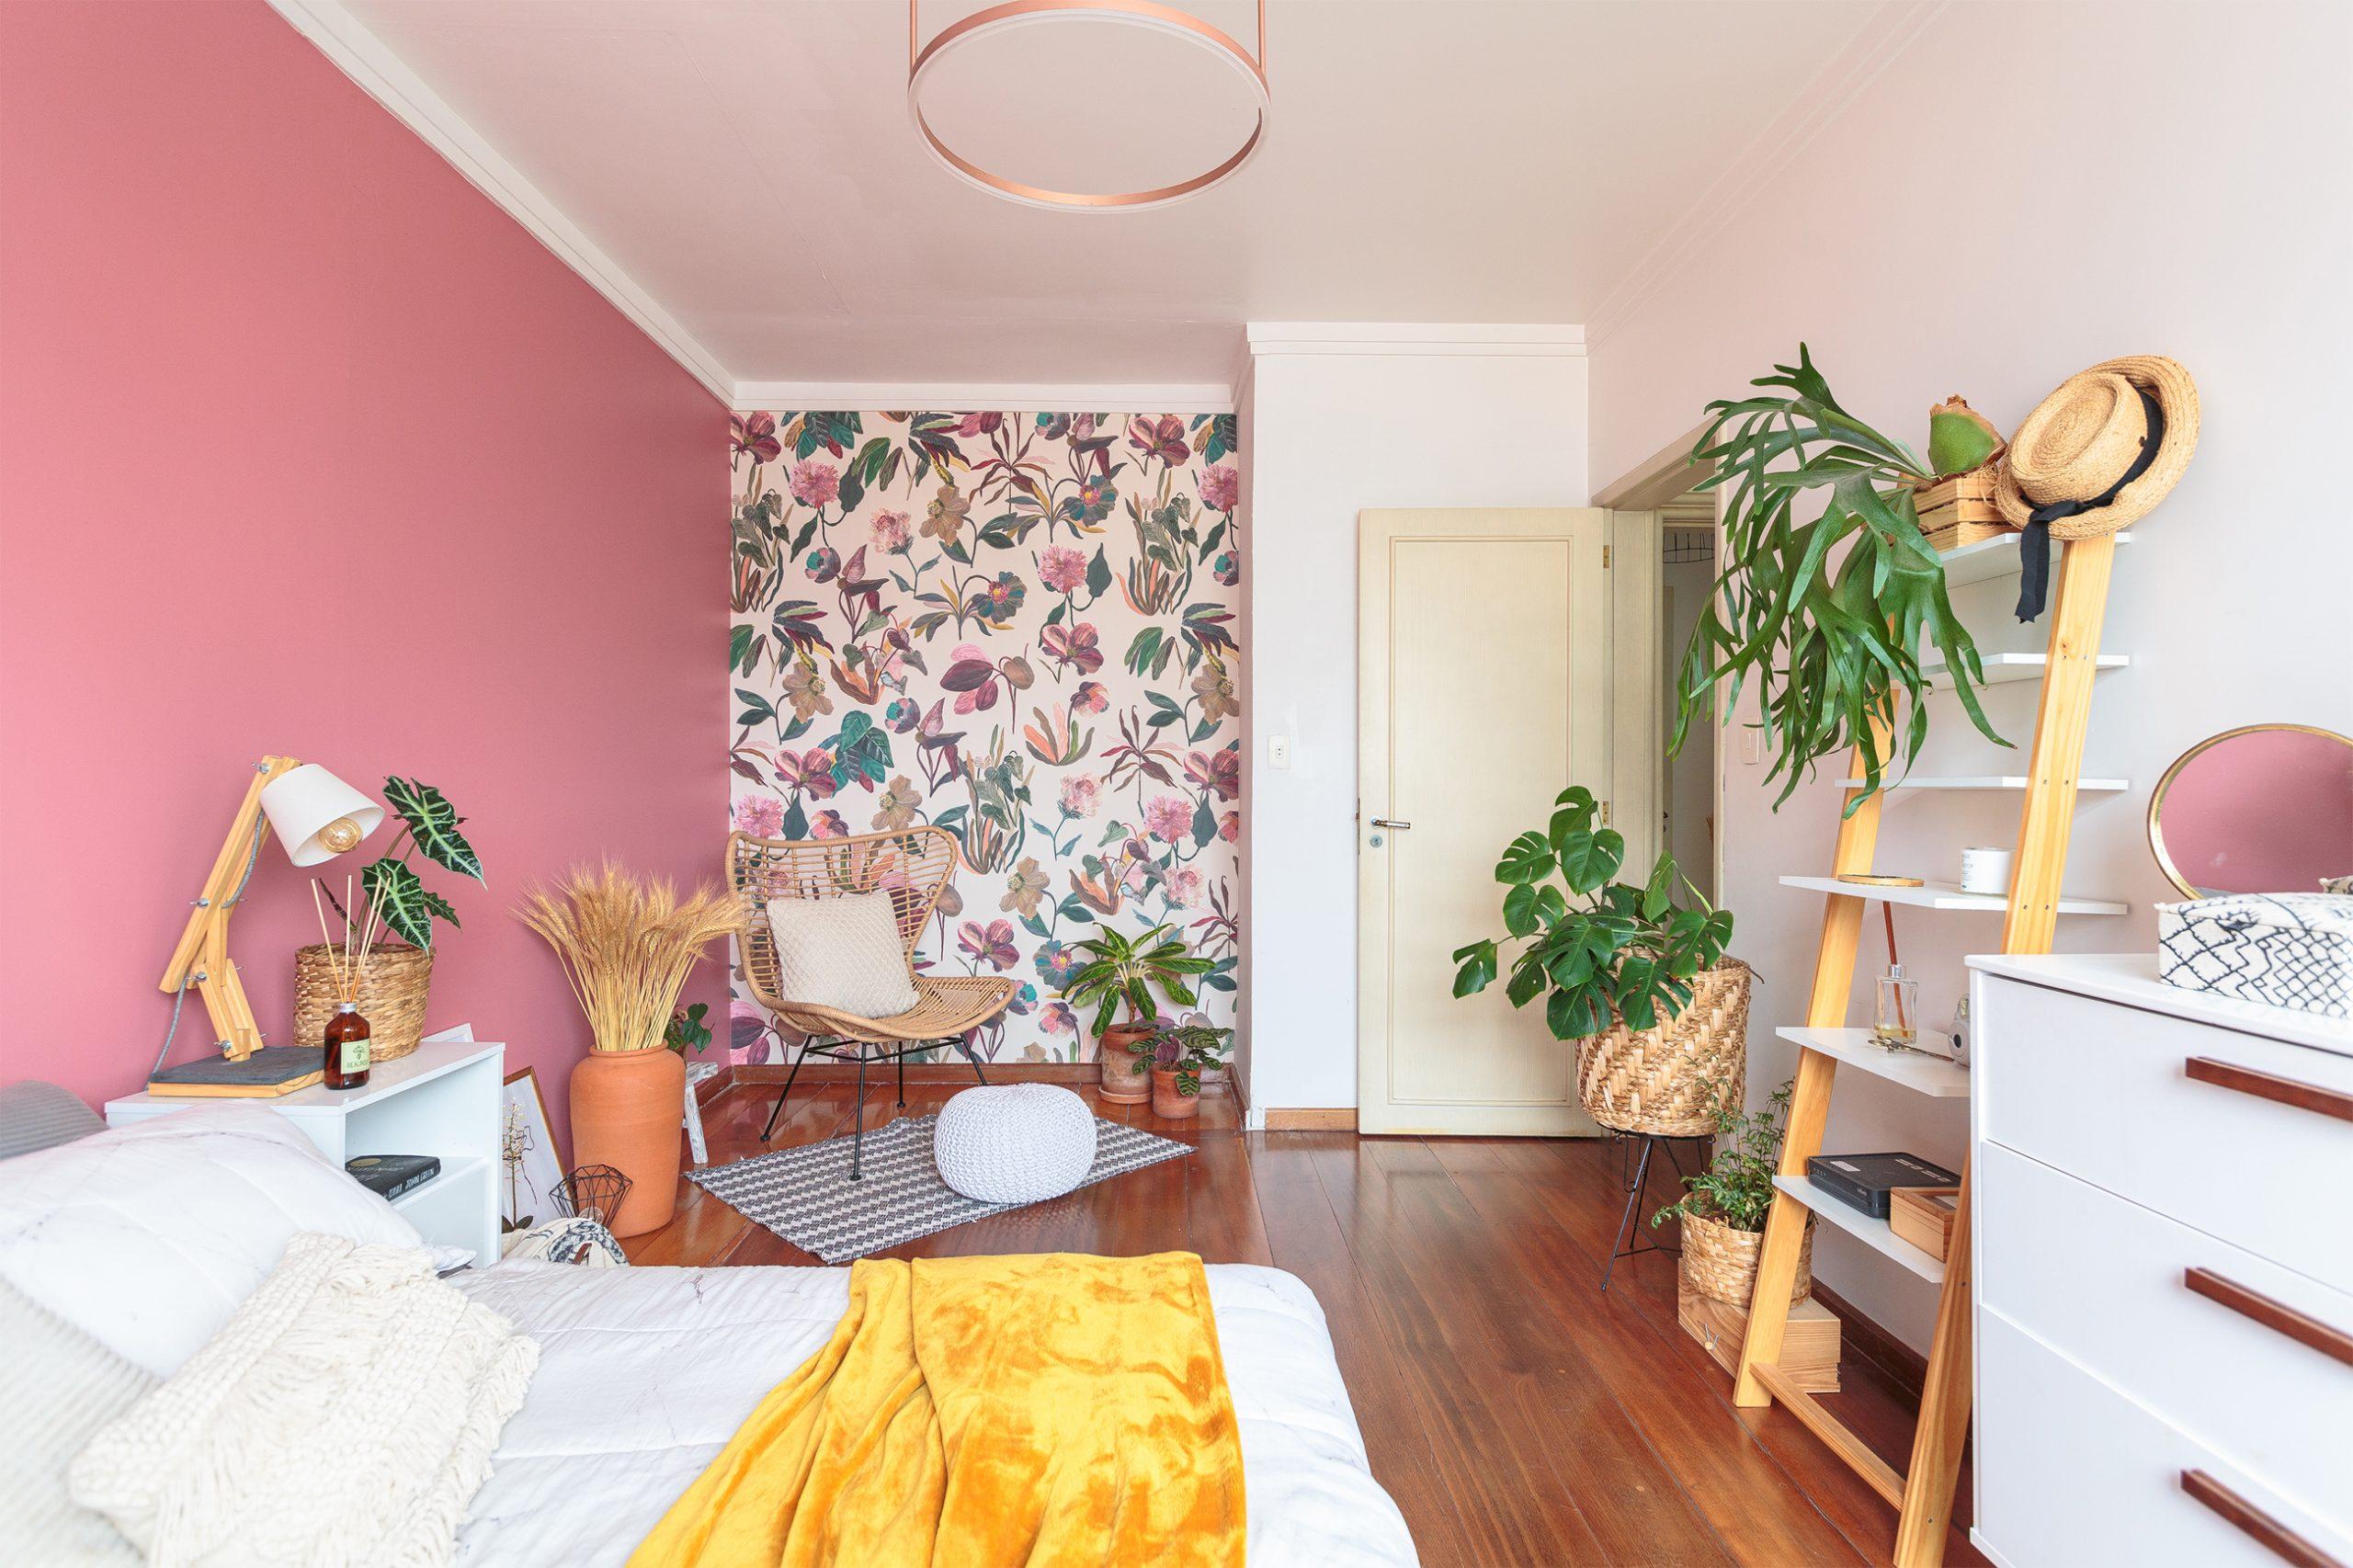 decoração quarto com parede rosa e papel de parede floral cestos e plantas